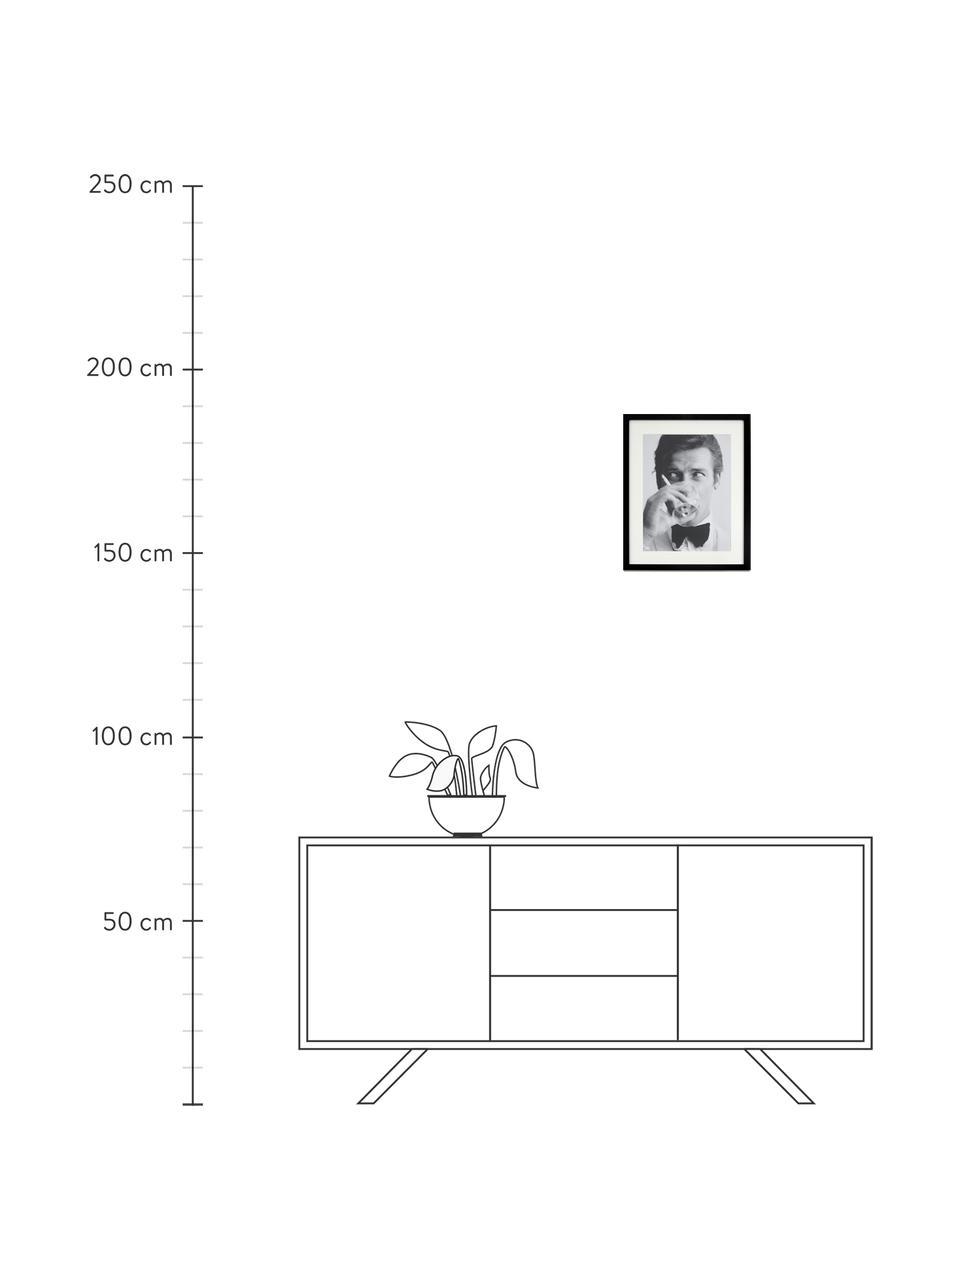 Gerahmter Digitaldruck James Bond Drinking, Bild: Digitaldruck auf Papier, , Rahmen: Holz, lackiert, Front: Plexiglas, Bild: Schwarz, Weiß Rahmen: Schwarz, 33 x 43 cm